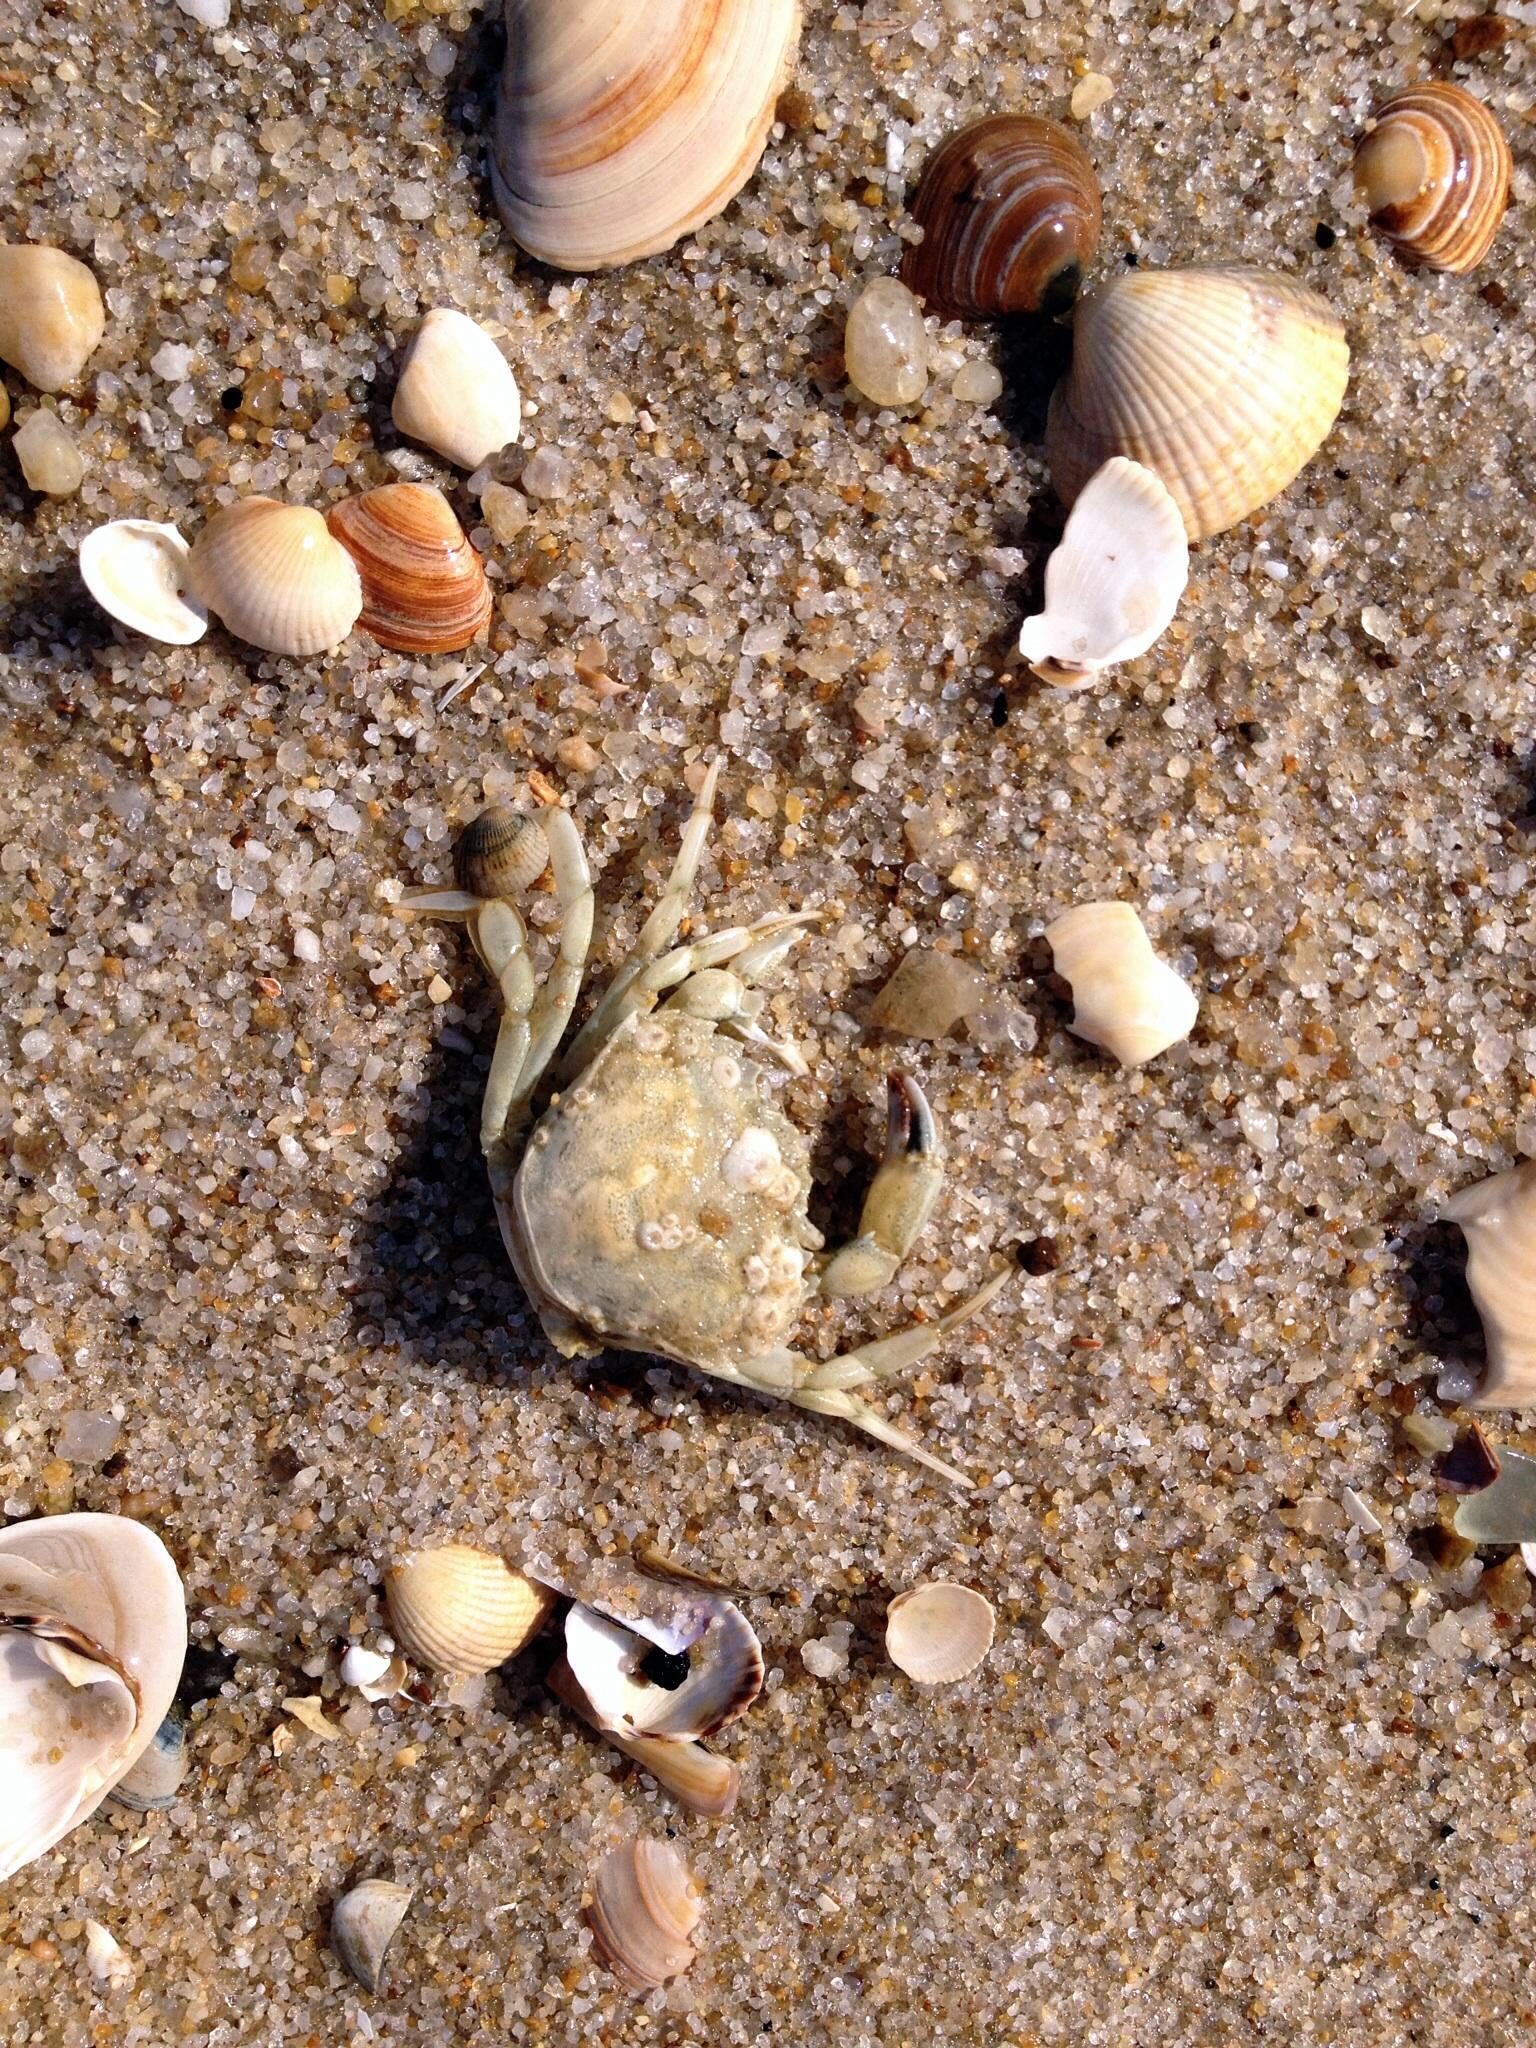 Muscheln und Krebs am Strand